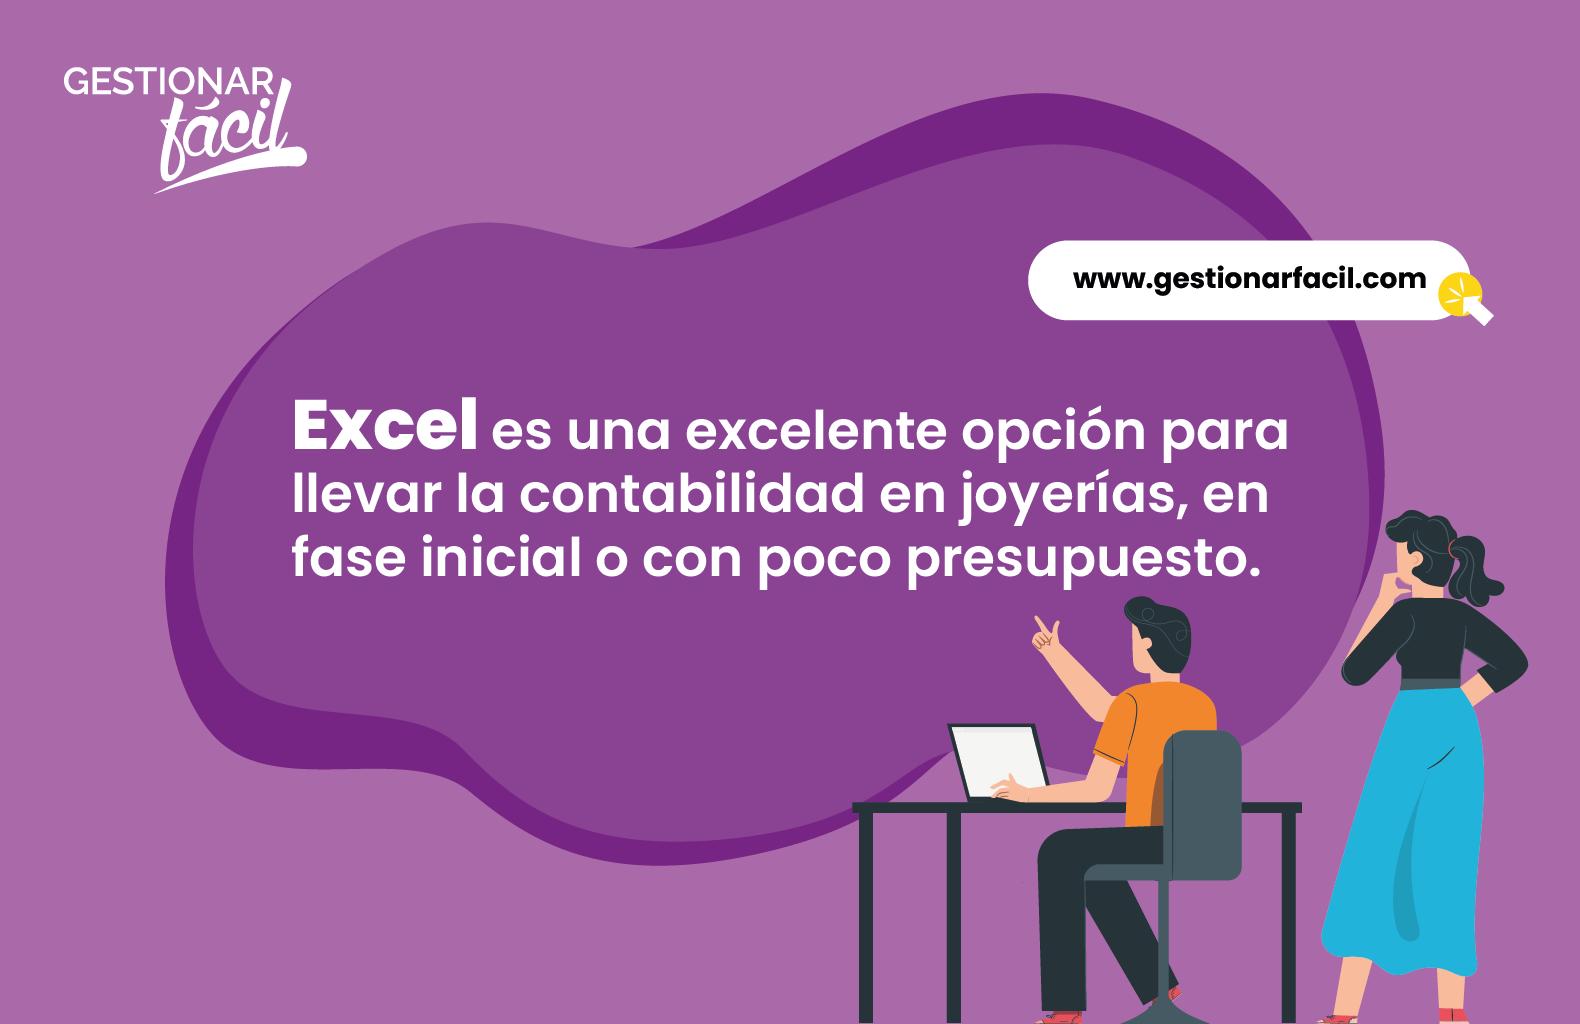 Excel es una excelente opción para llevar la contabilidad en joyerías en fase inicial o con poco presupuesto.